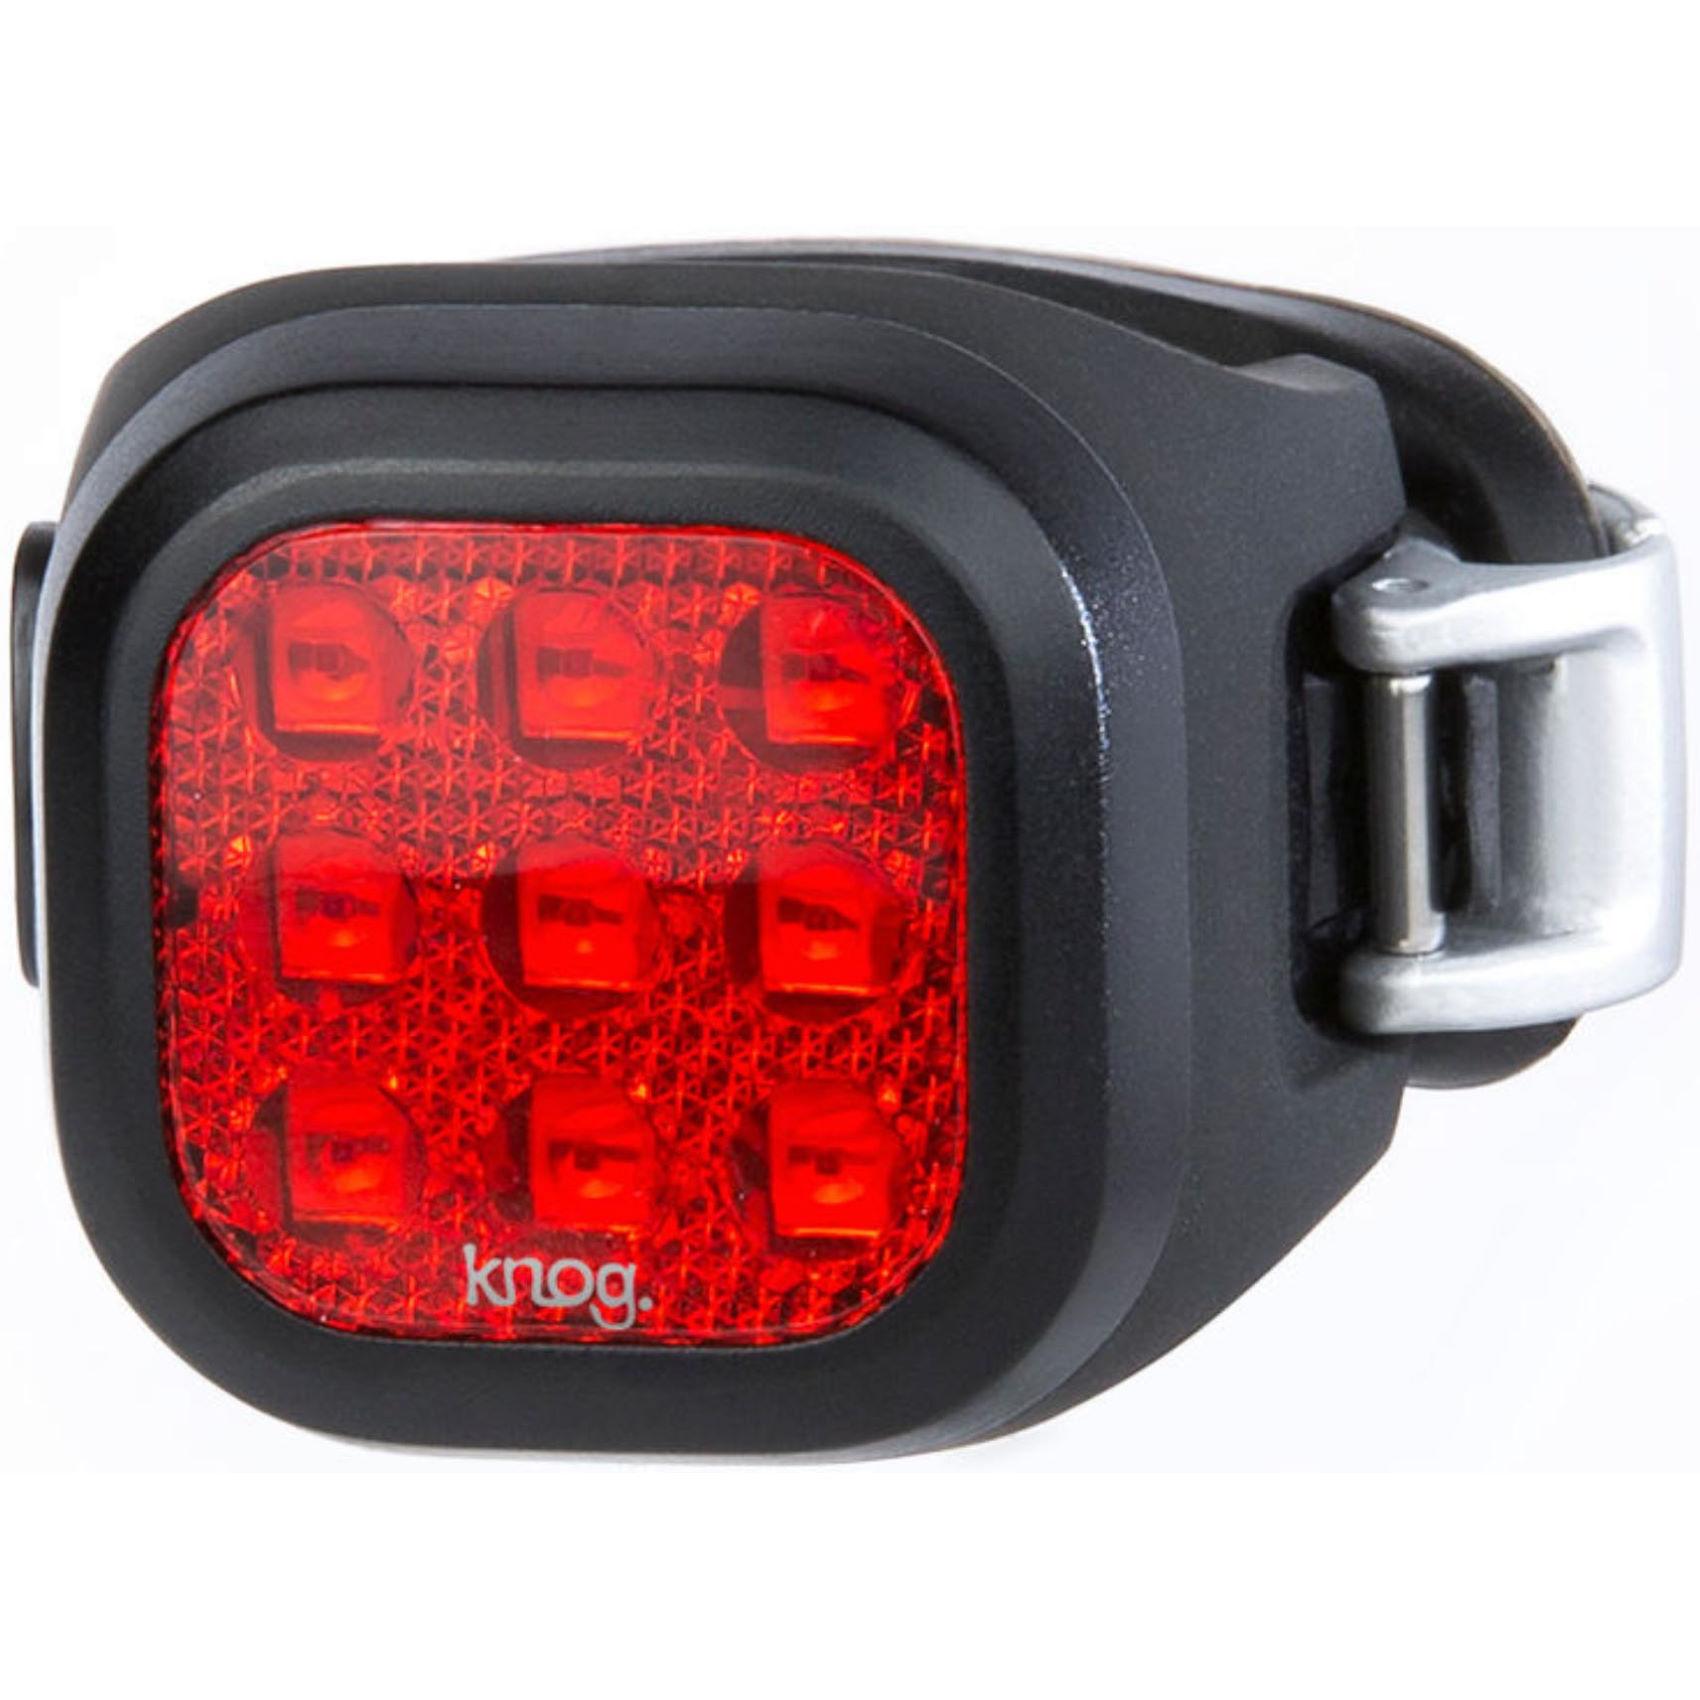 Knog Blinder Mini Niner Rechargeable Rear Light